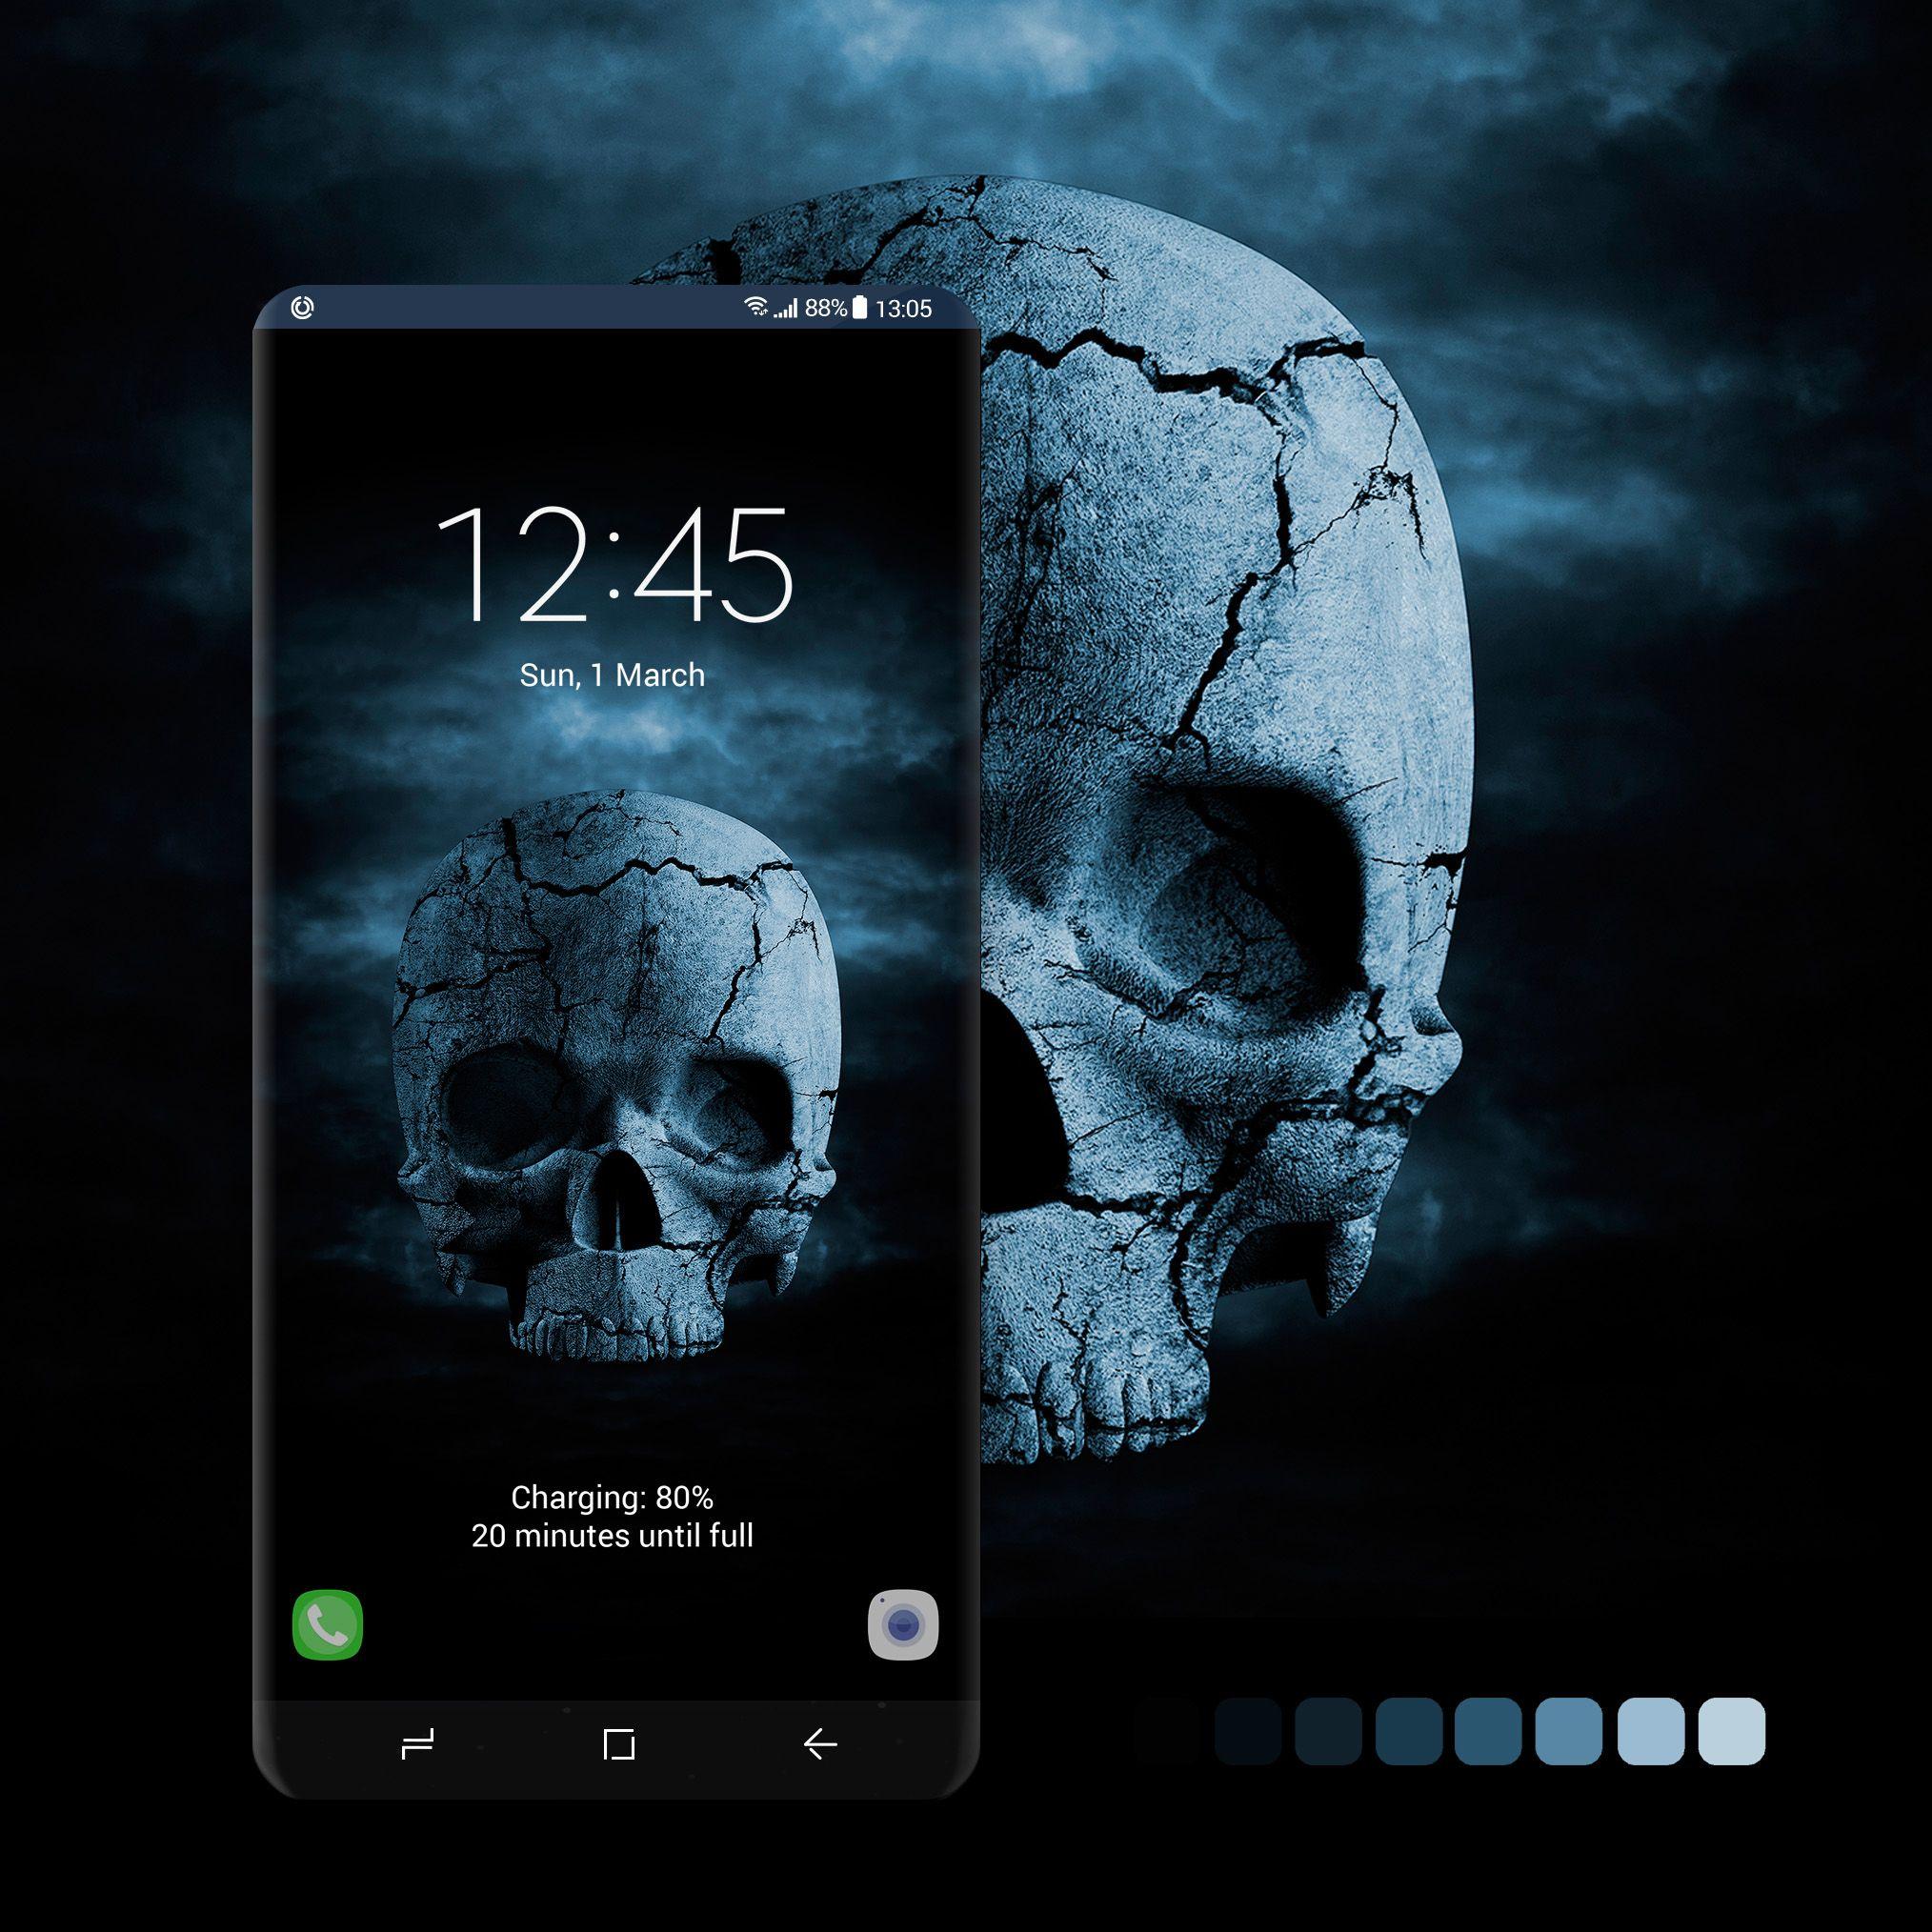 Blue Spooky Skull Wall Paper Phone Samsung Galaxy Wallpaper Skull Wallpaper